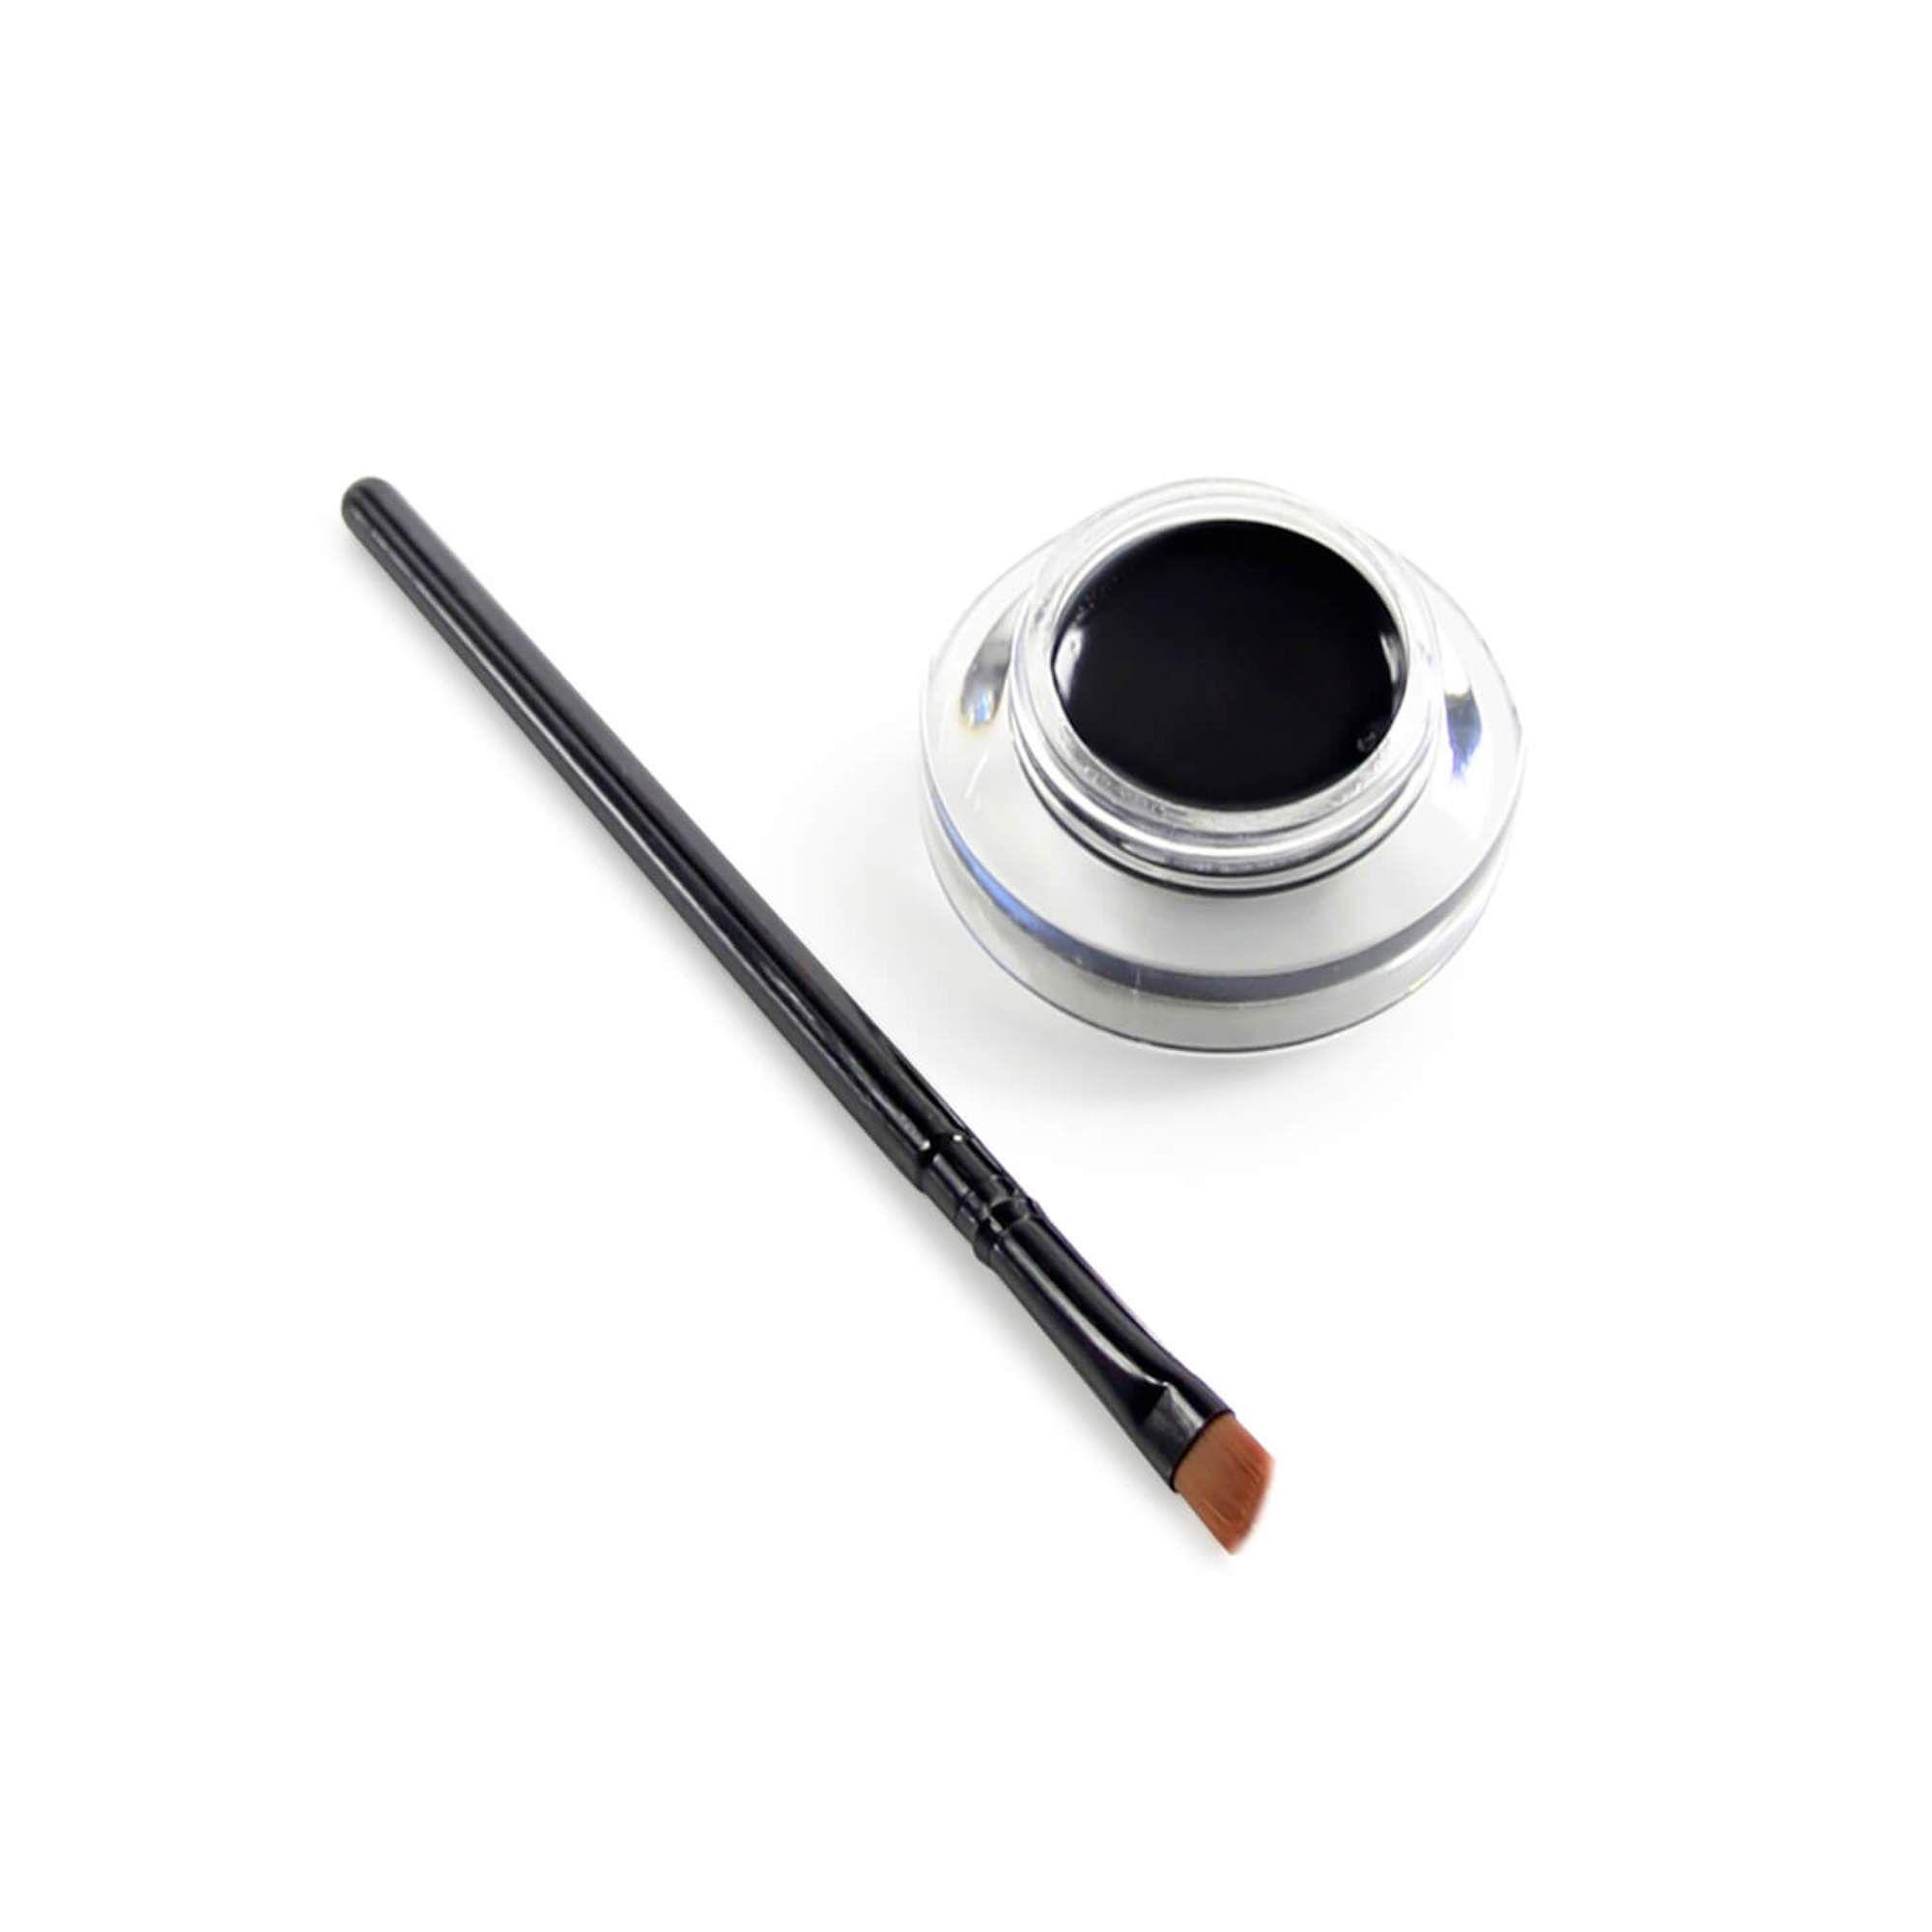 Delineador em gel preto Super Shine Luisance com pincel chanfrado